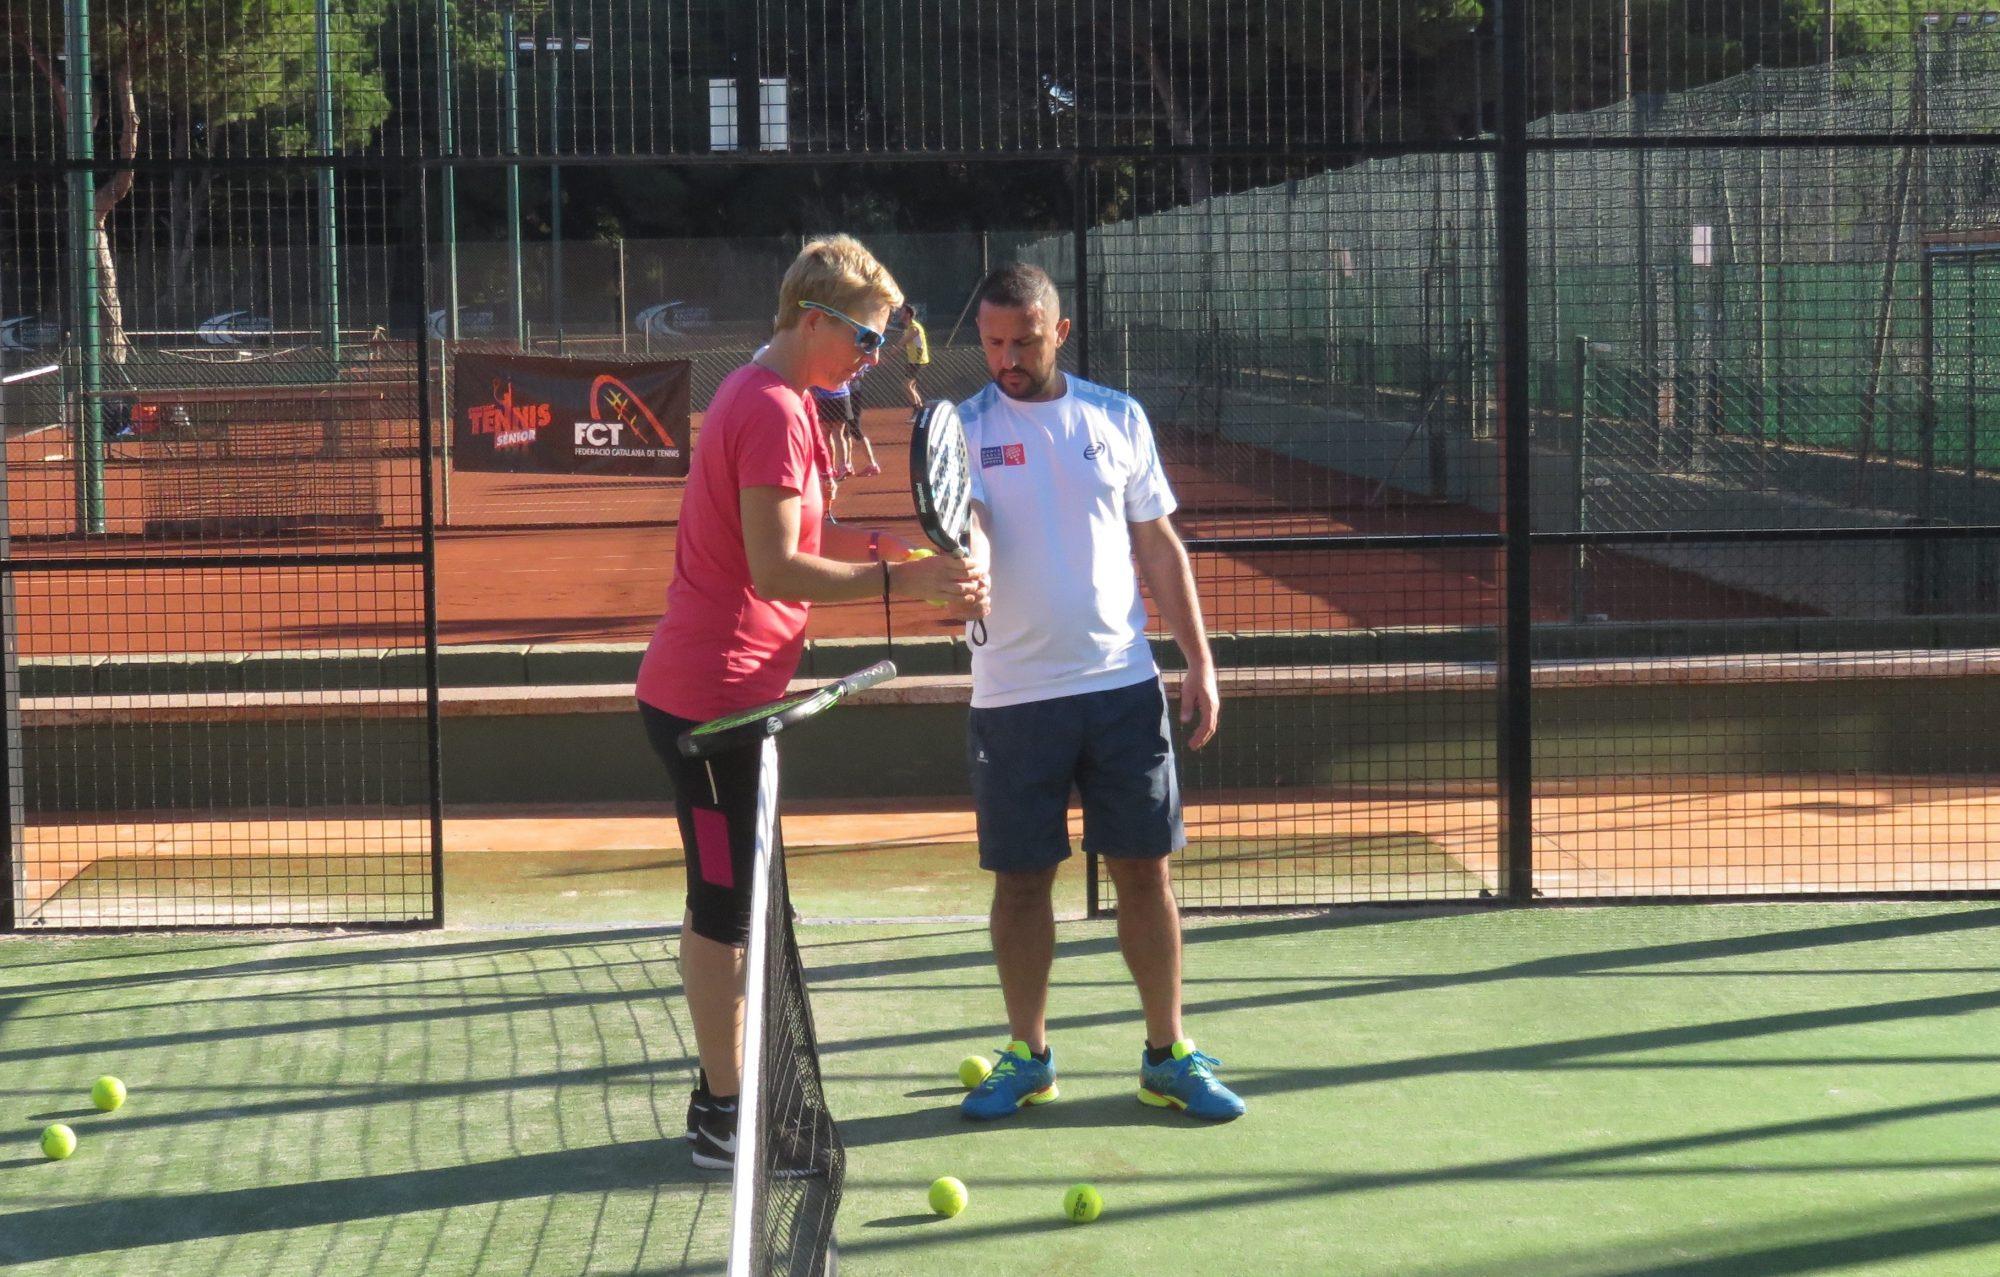 Les profs de tennis pour le padel ?